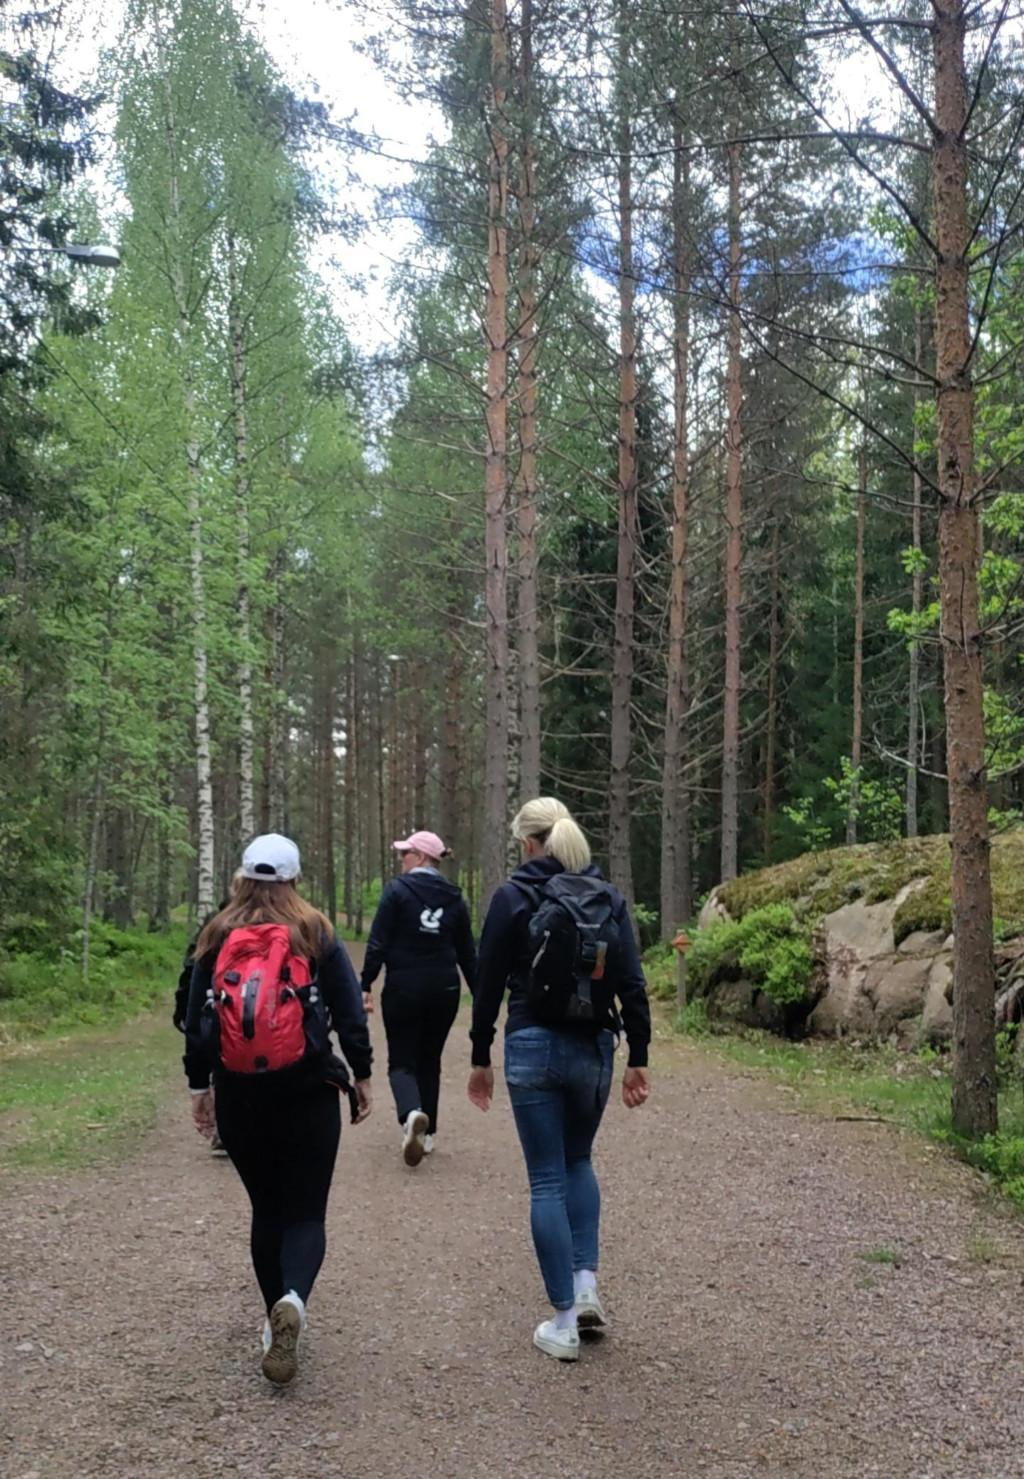 Kolme henkilöä kävelee selin kameraan metsätiellä.